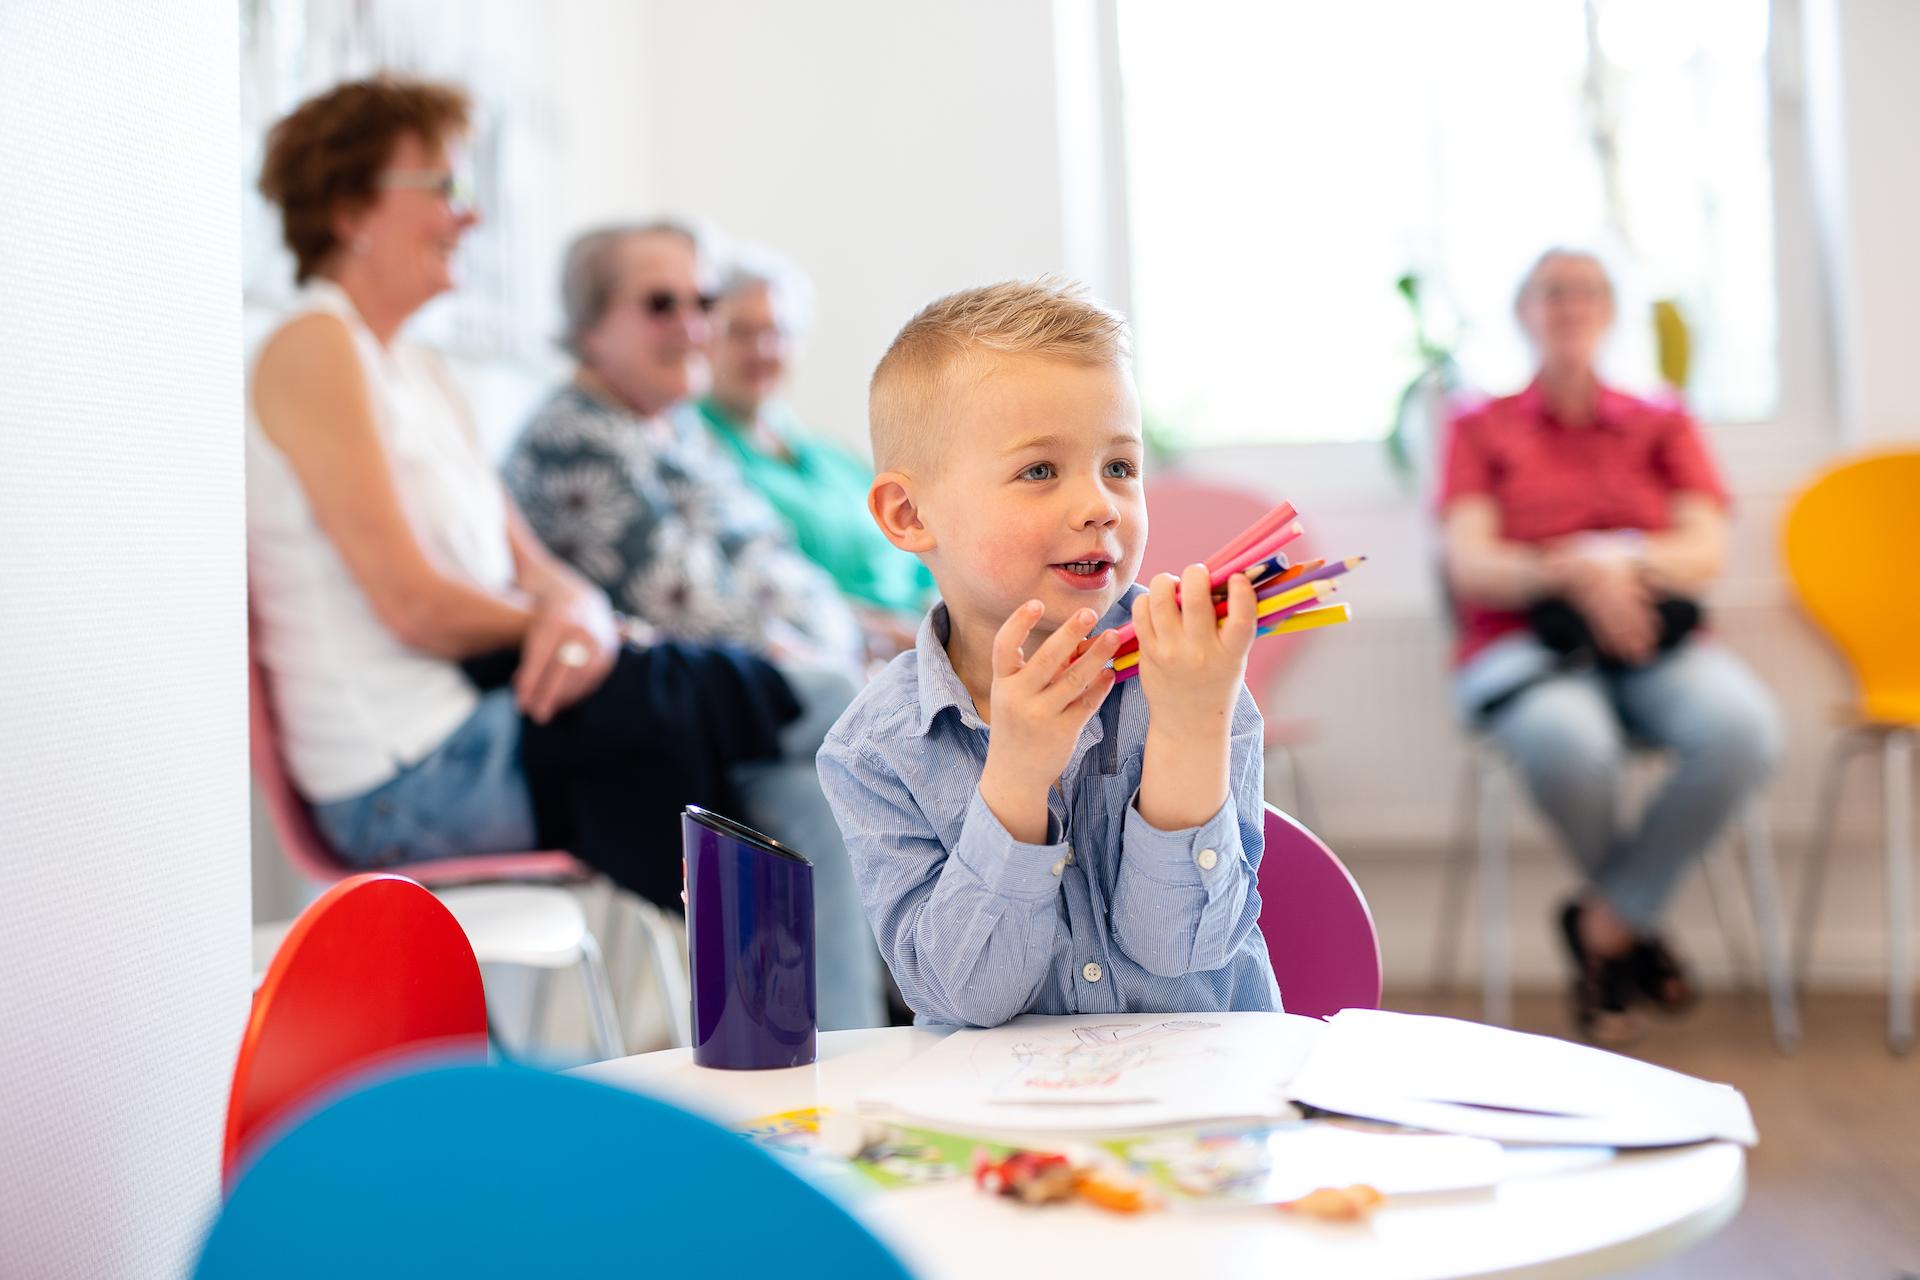 Praxis Gartenallee für MKG-Chirurgie & Oralchirurgie - Junge mit Stiften